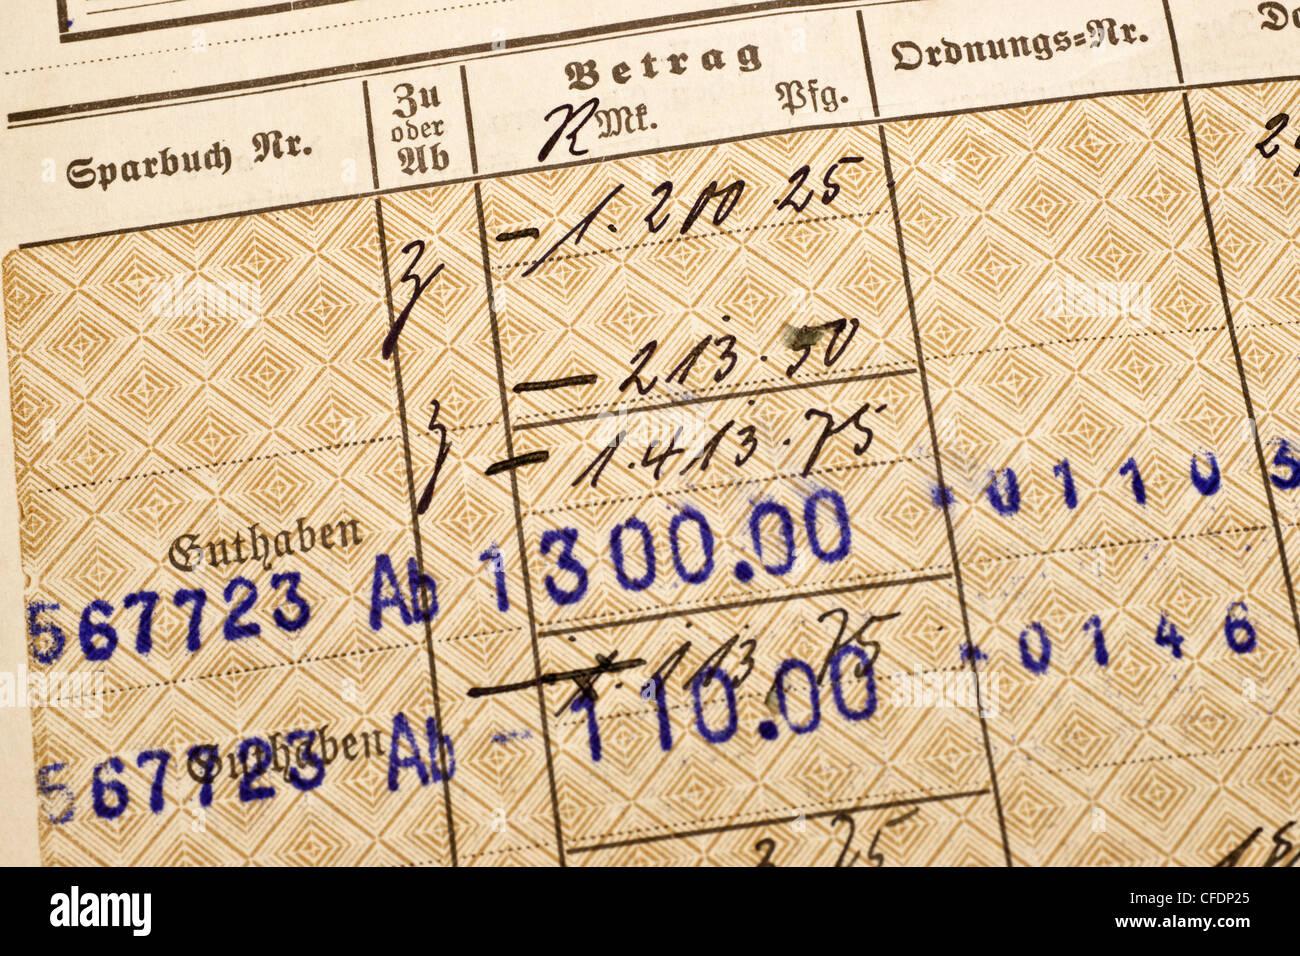 18dfa91a1328 Detailansicht Eines alten Sparbuches aus Dem Jahr 1927 | Detail-Foto ...